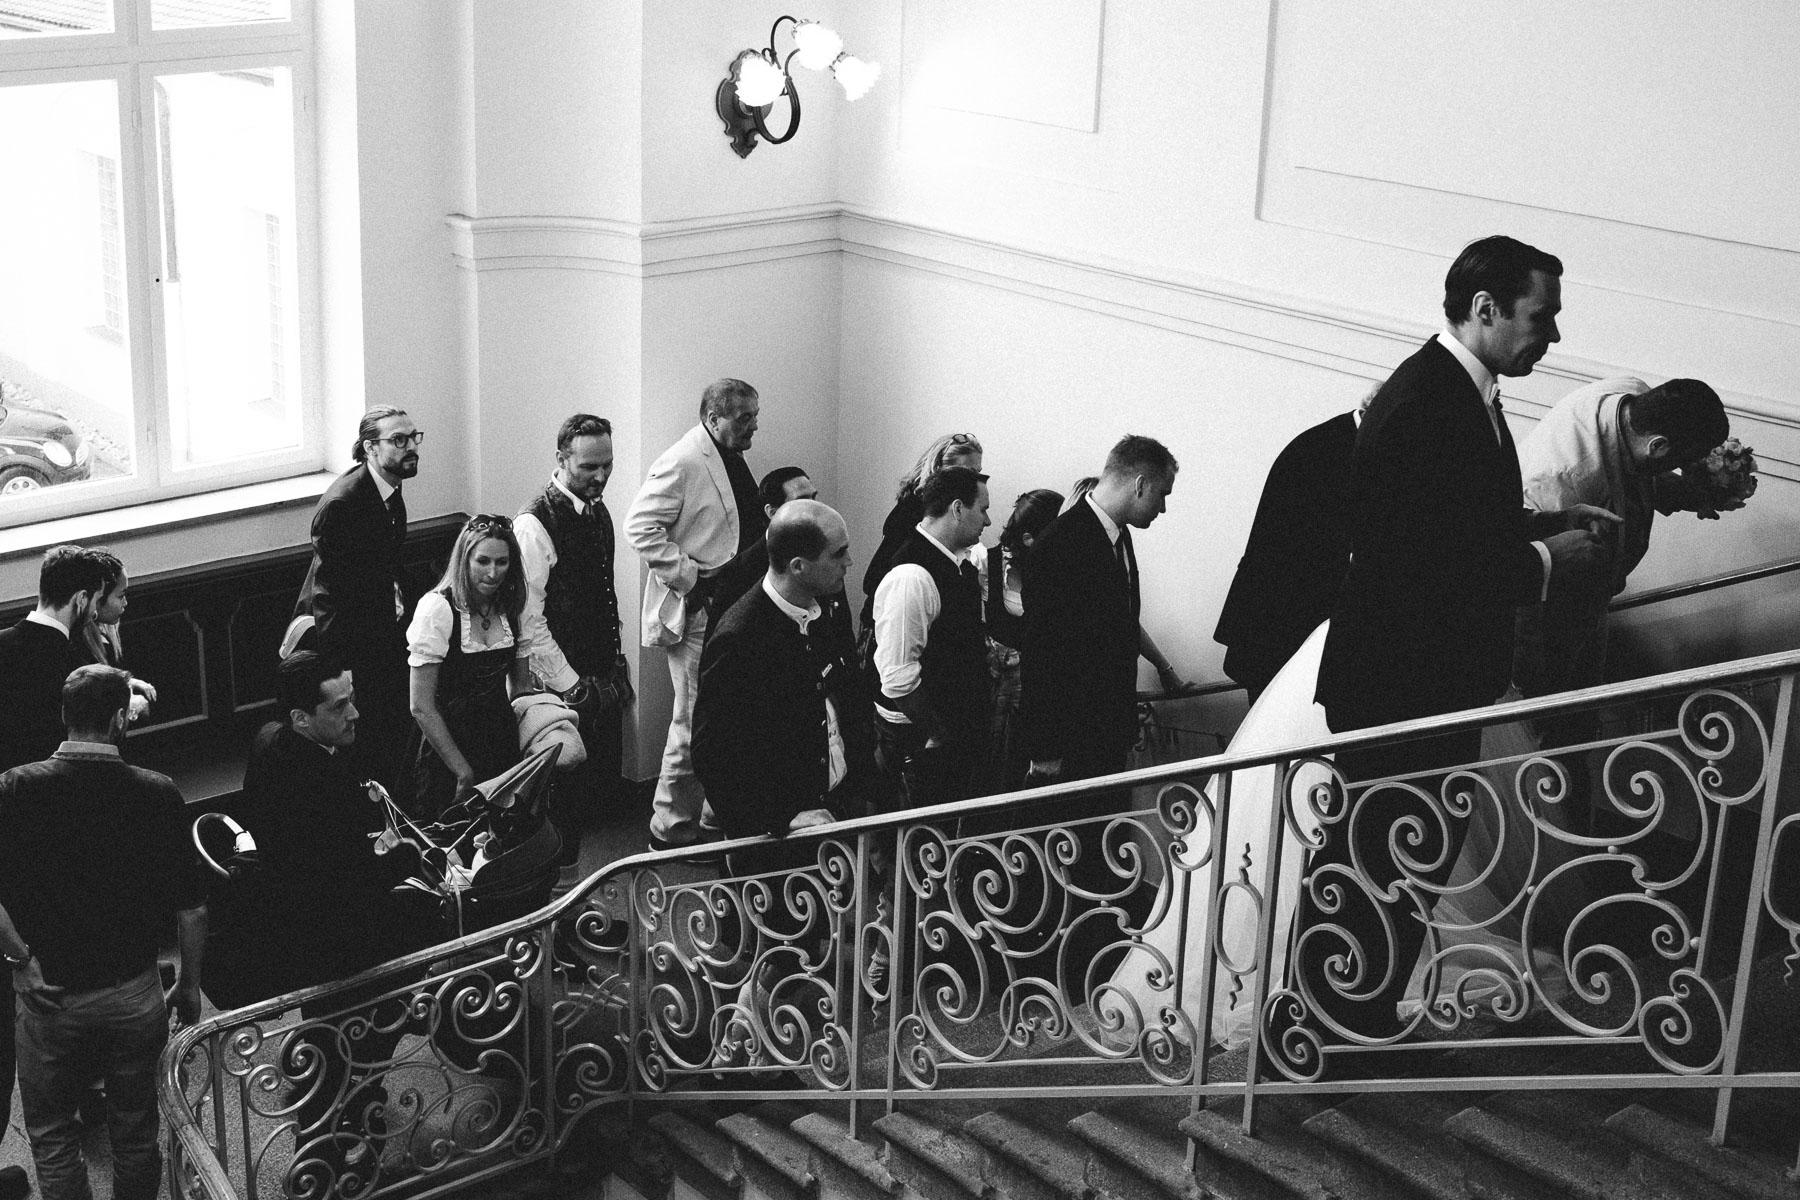 MartinLiebl_Hochzeitsfotograf_MML_Blog_48.jpg